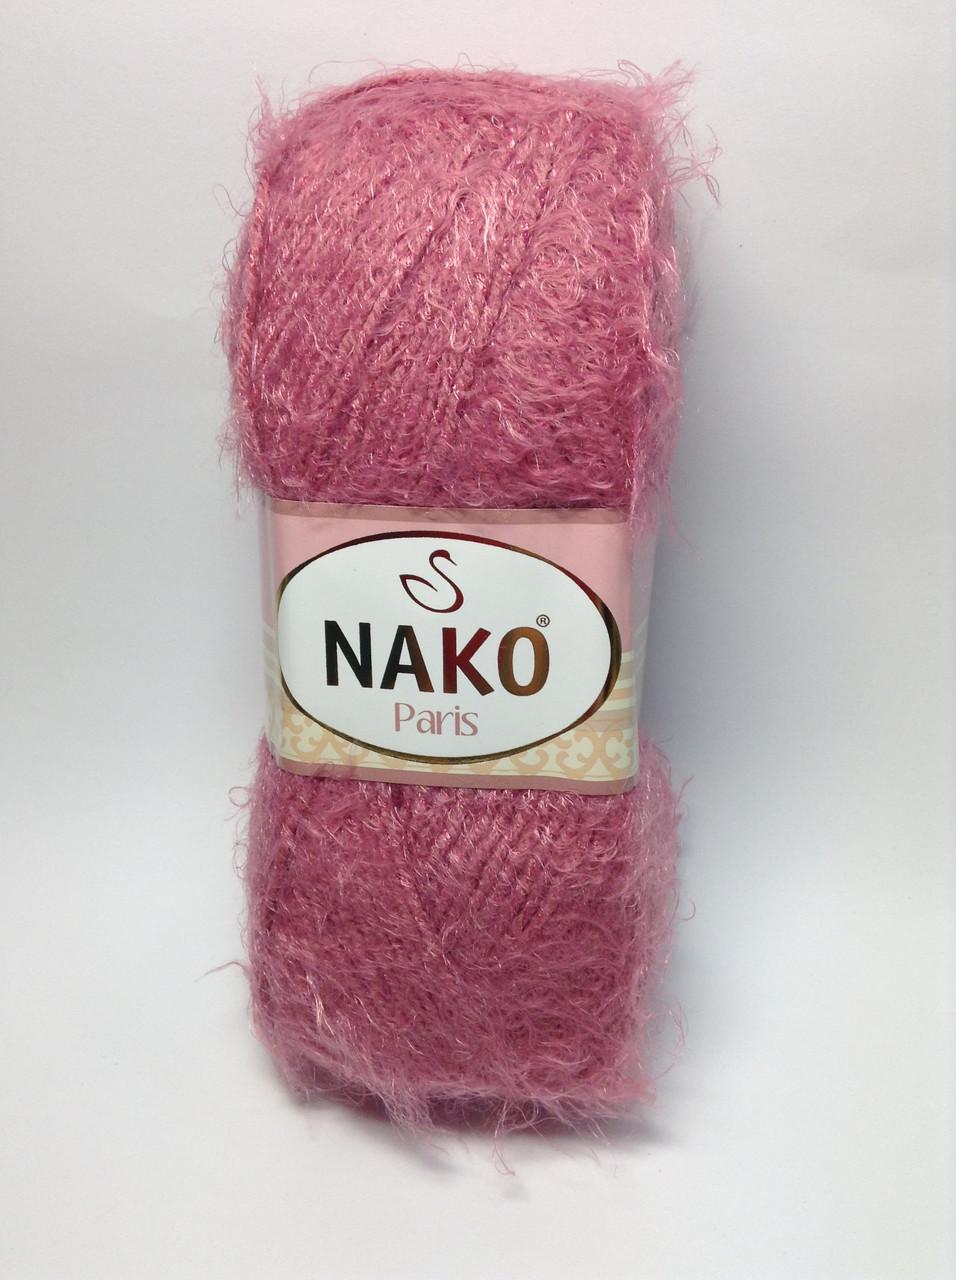 Пряжа nako paris - цвет темно-розовый